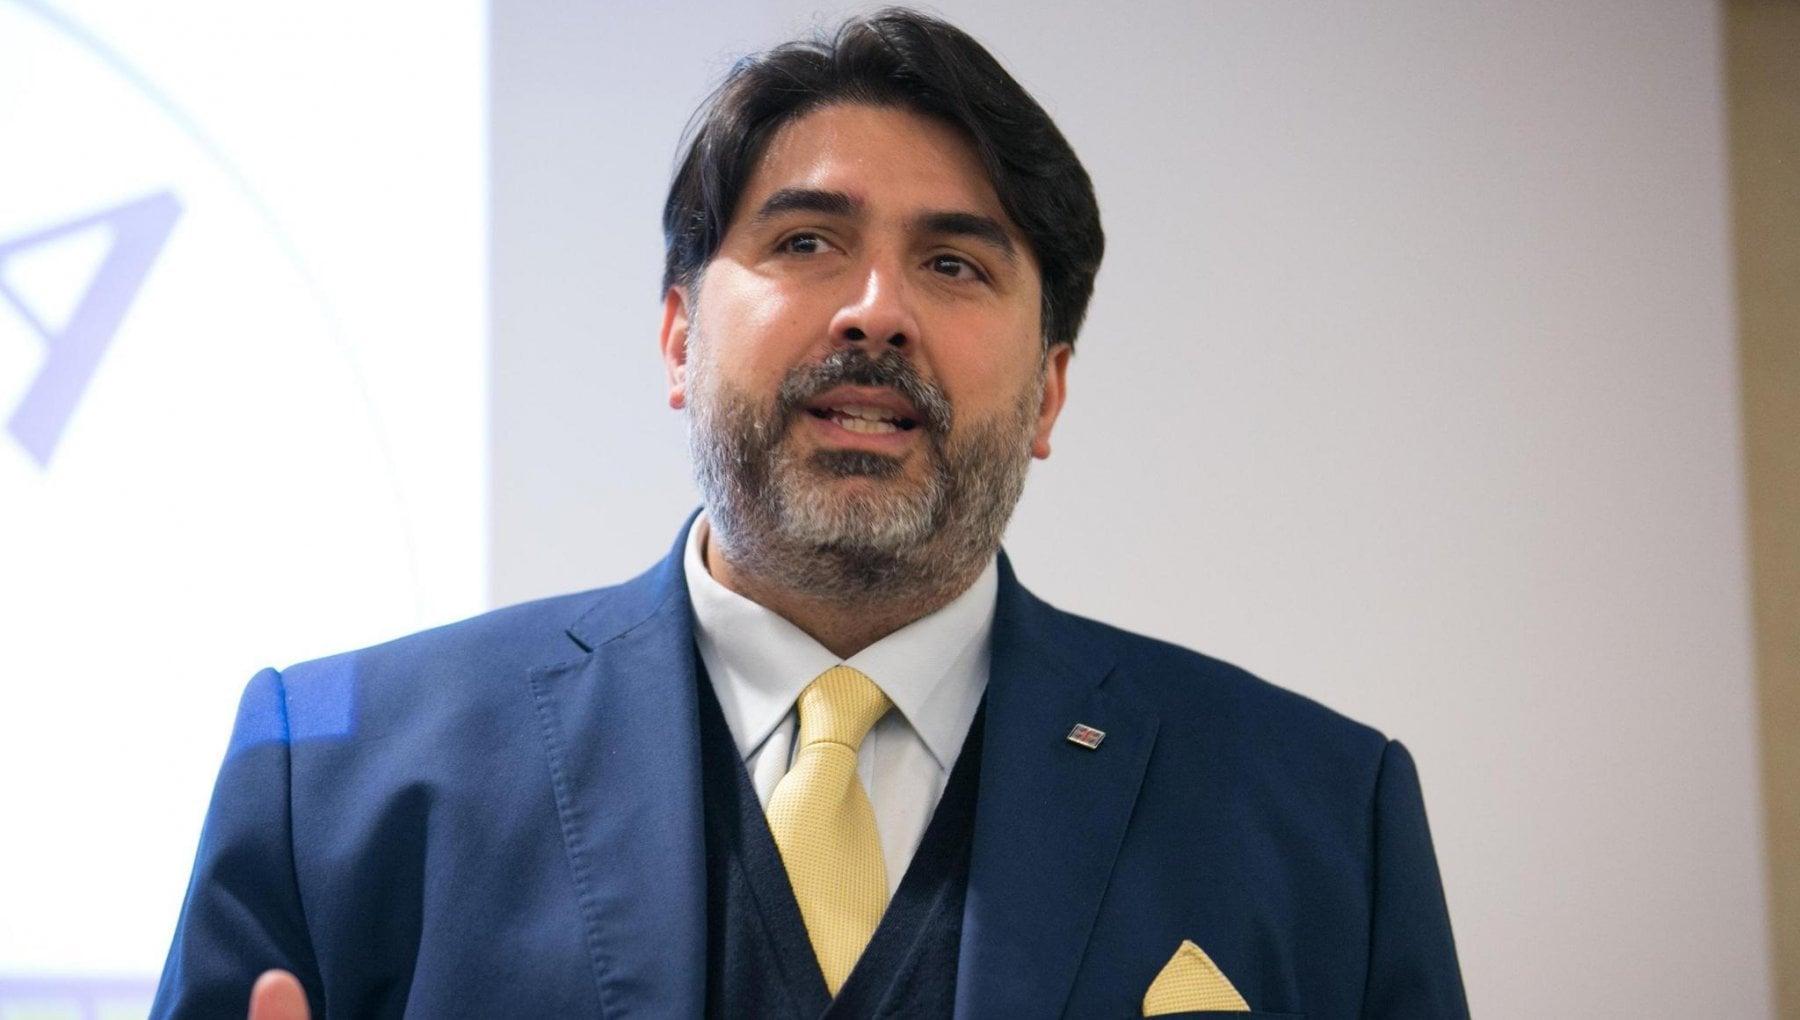 Virus discoteche aperte in Sardegna blitz della polizia in Regione